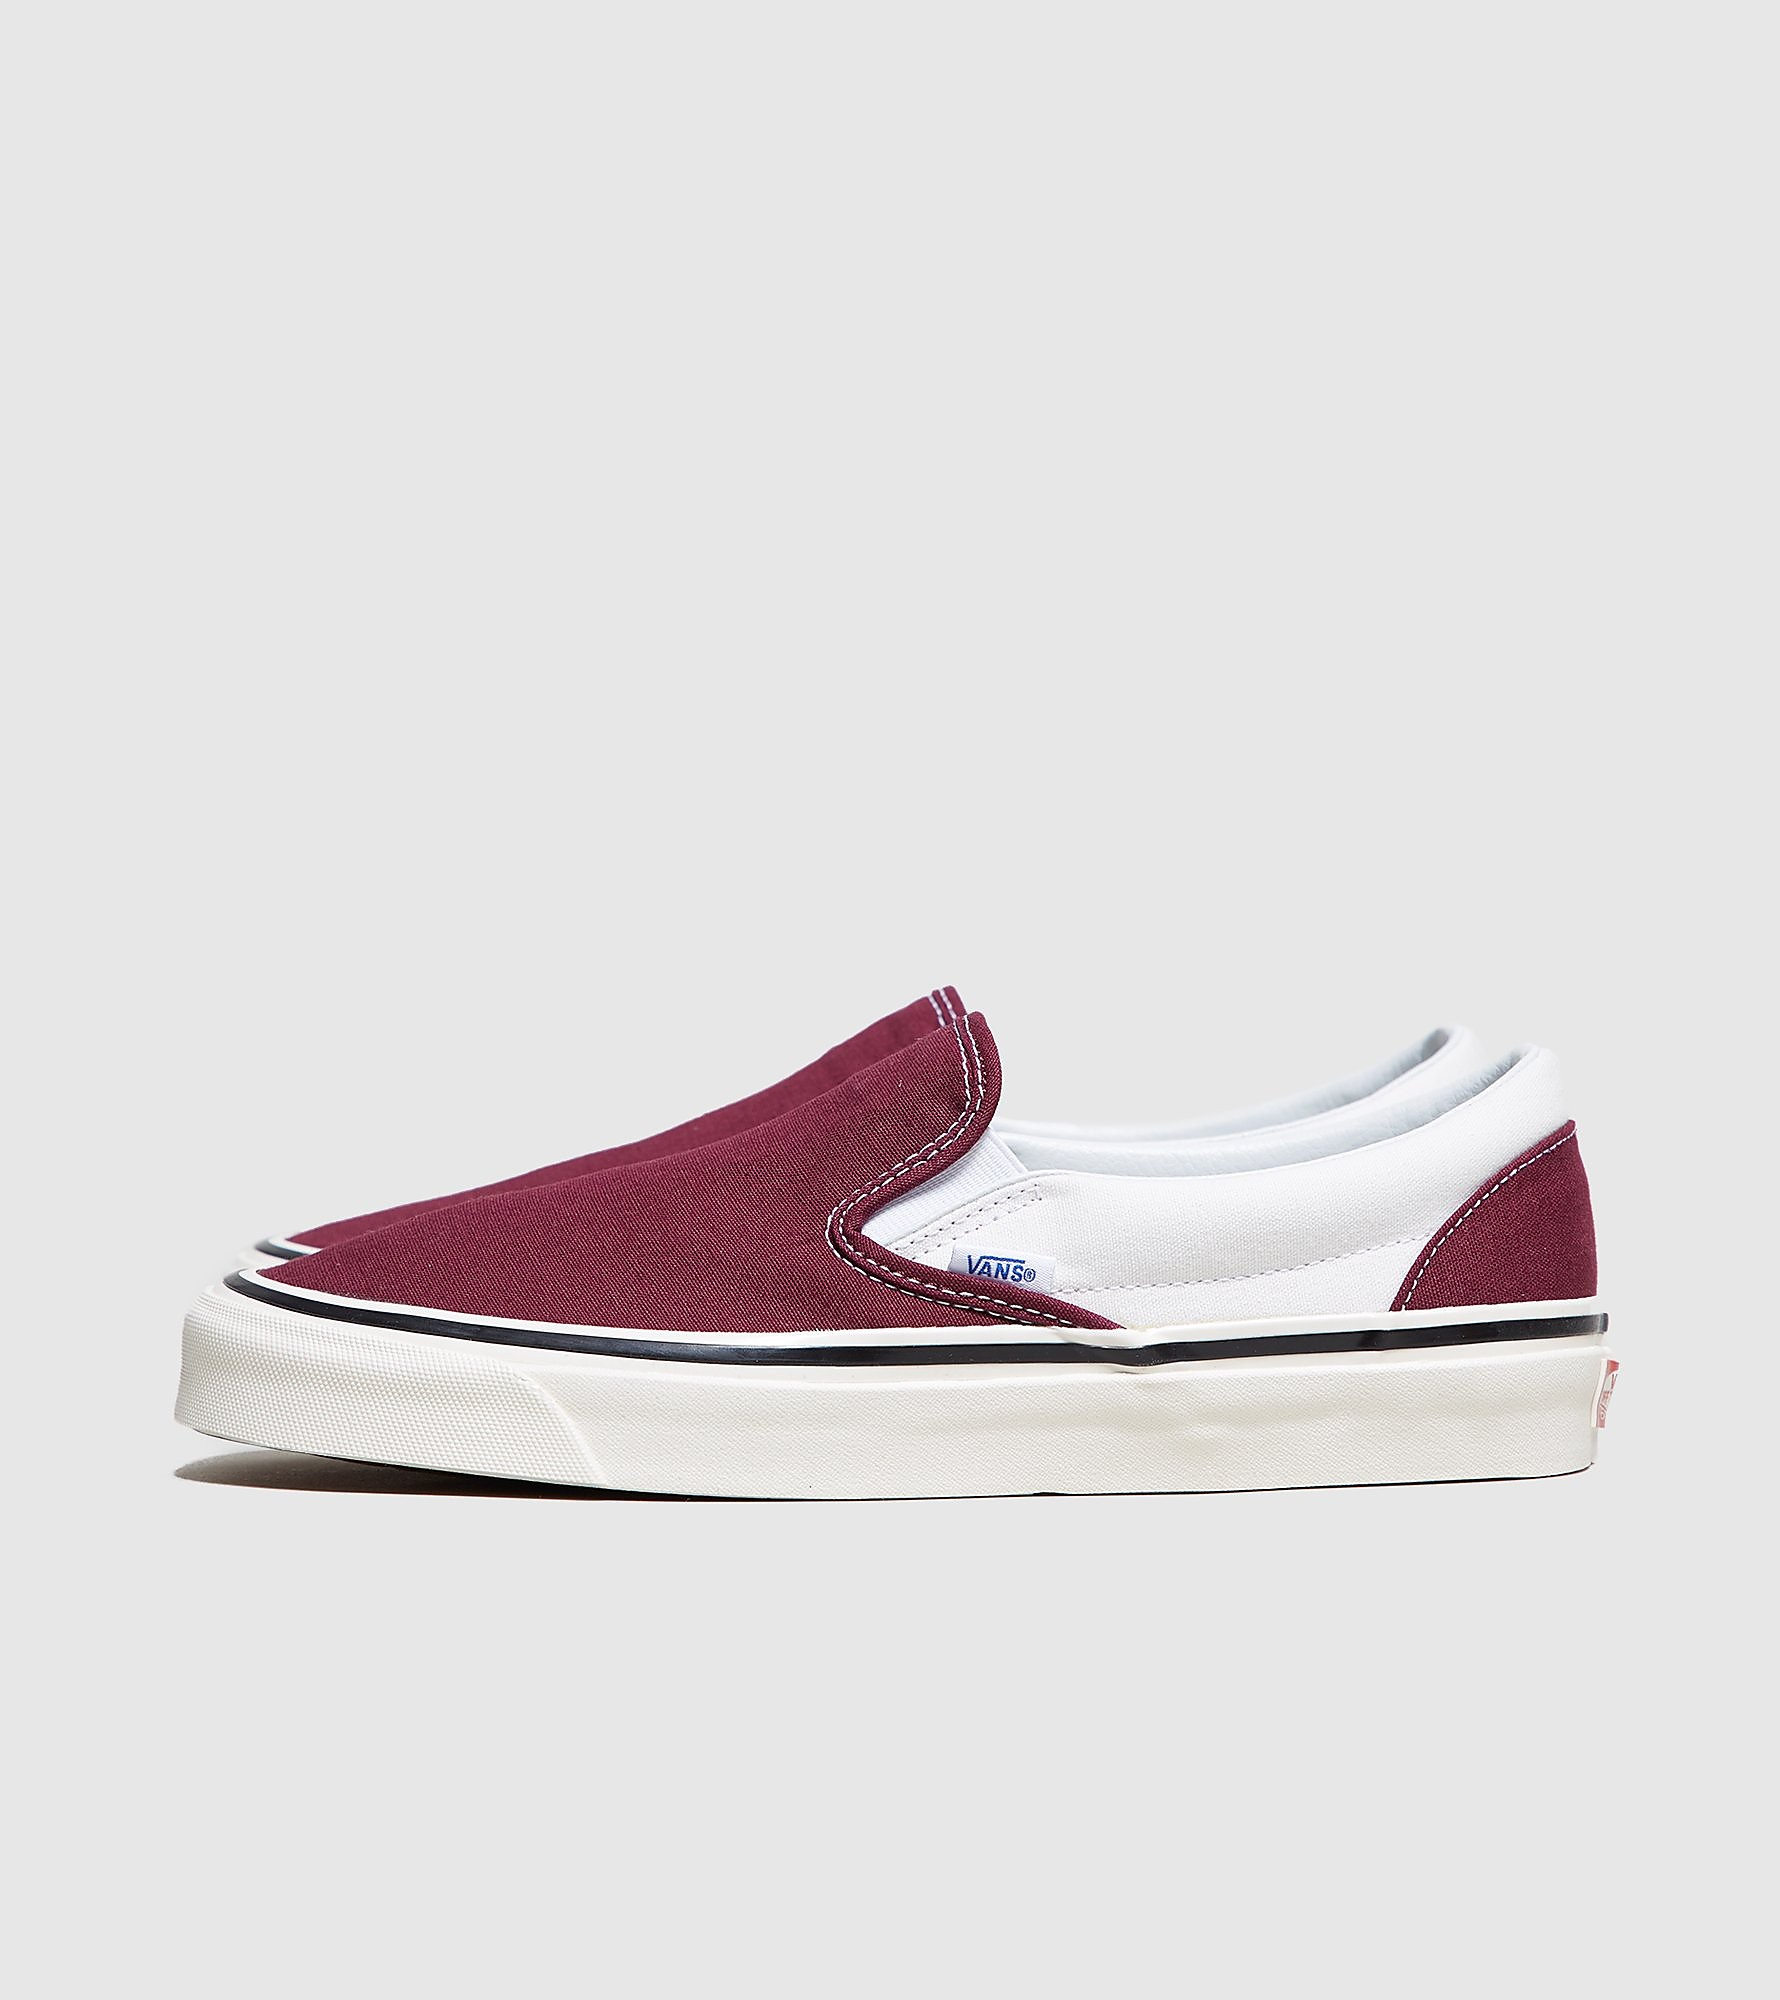 Vans Anaheim Slip-On